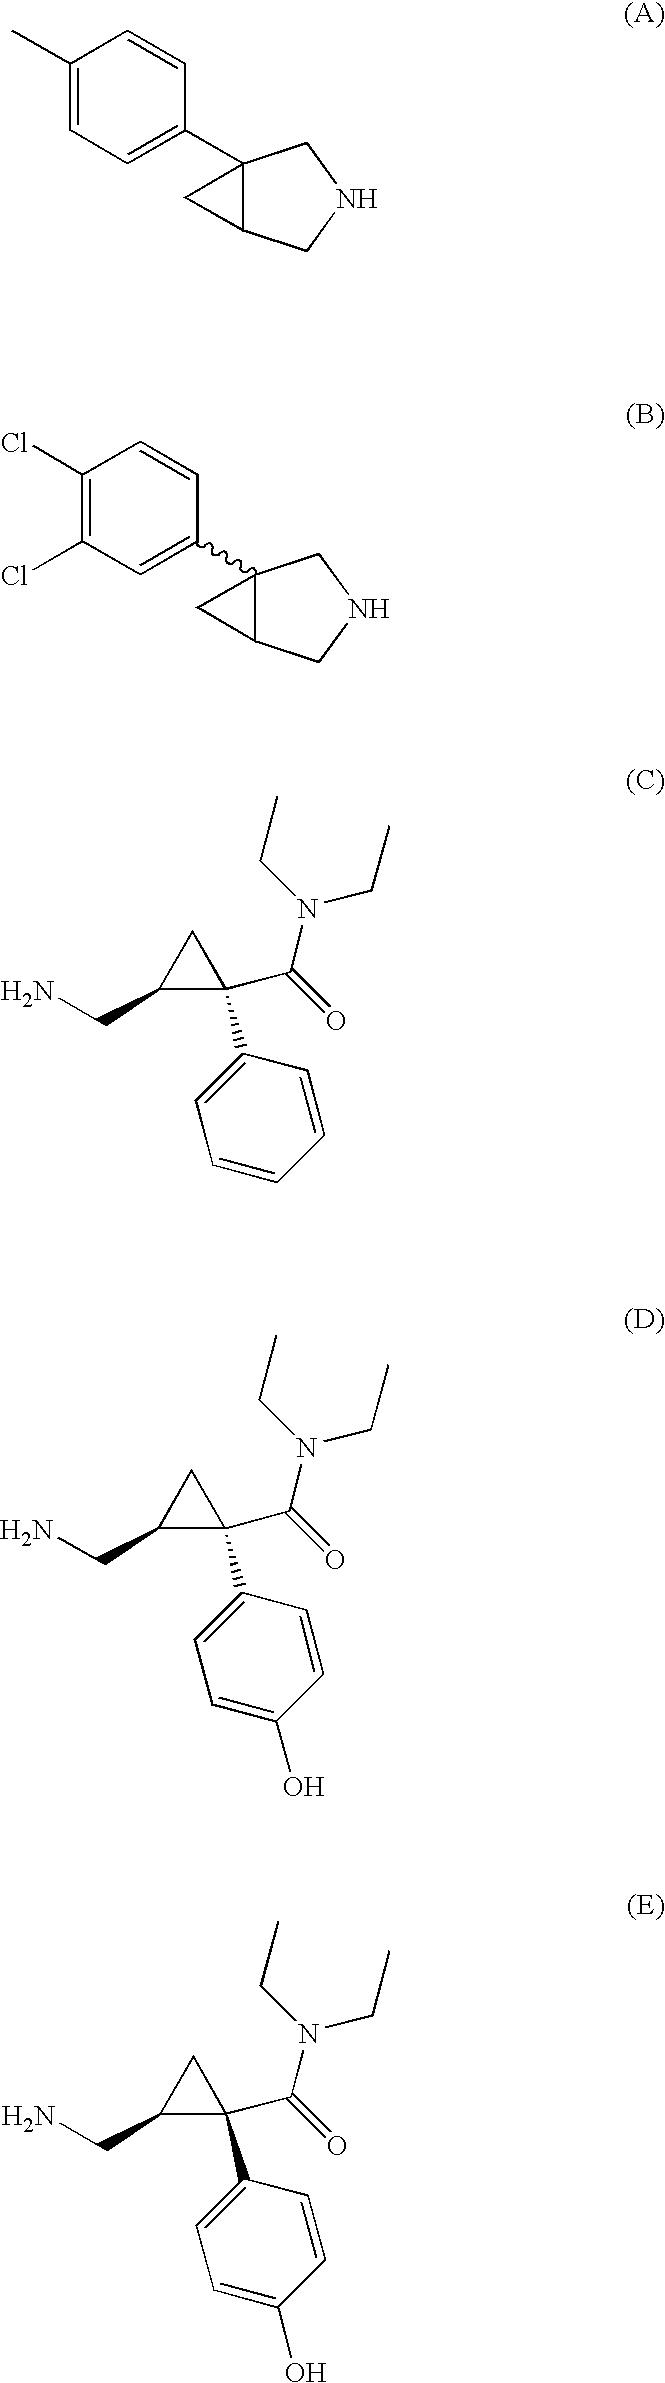 Figure US20050282859A1-20051222-C00058